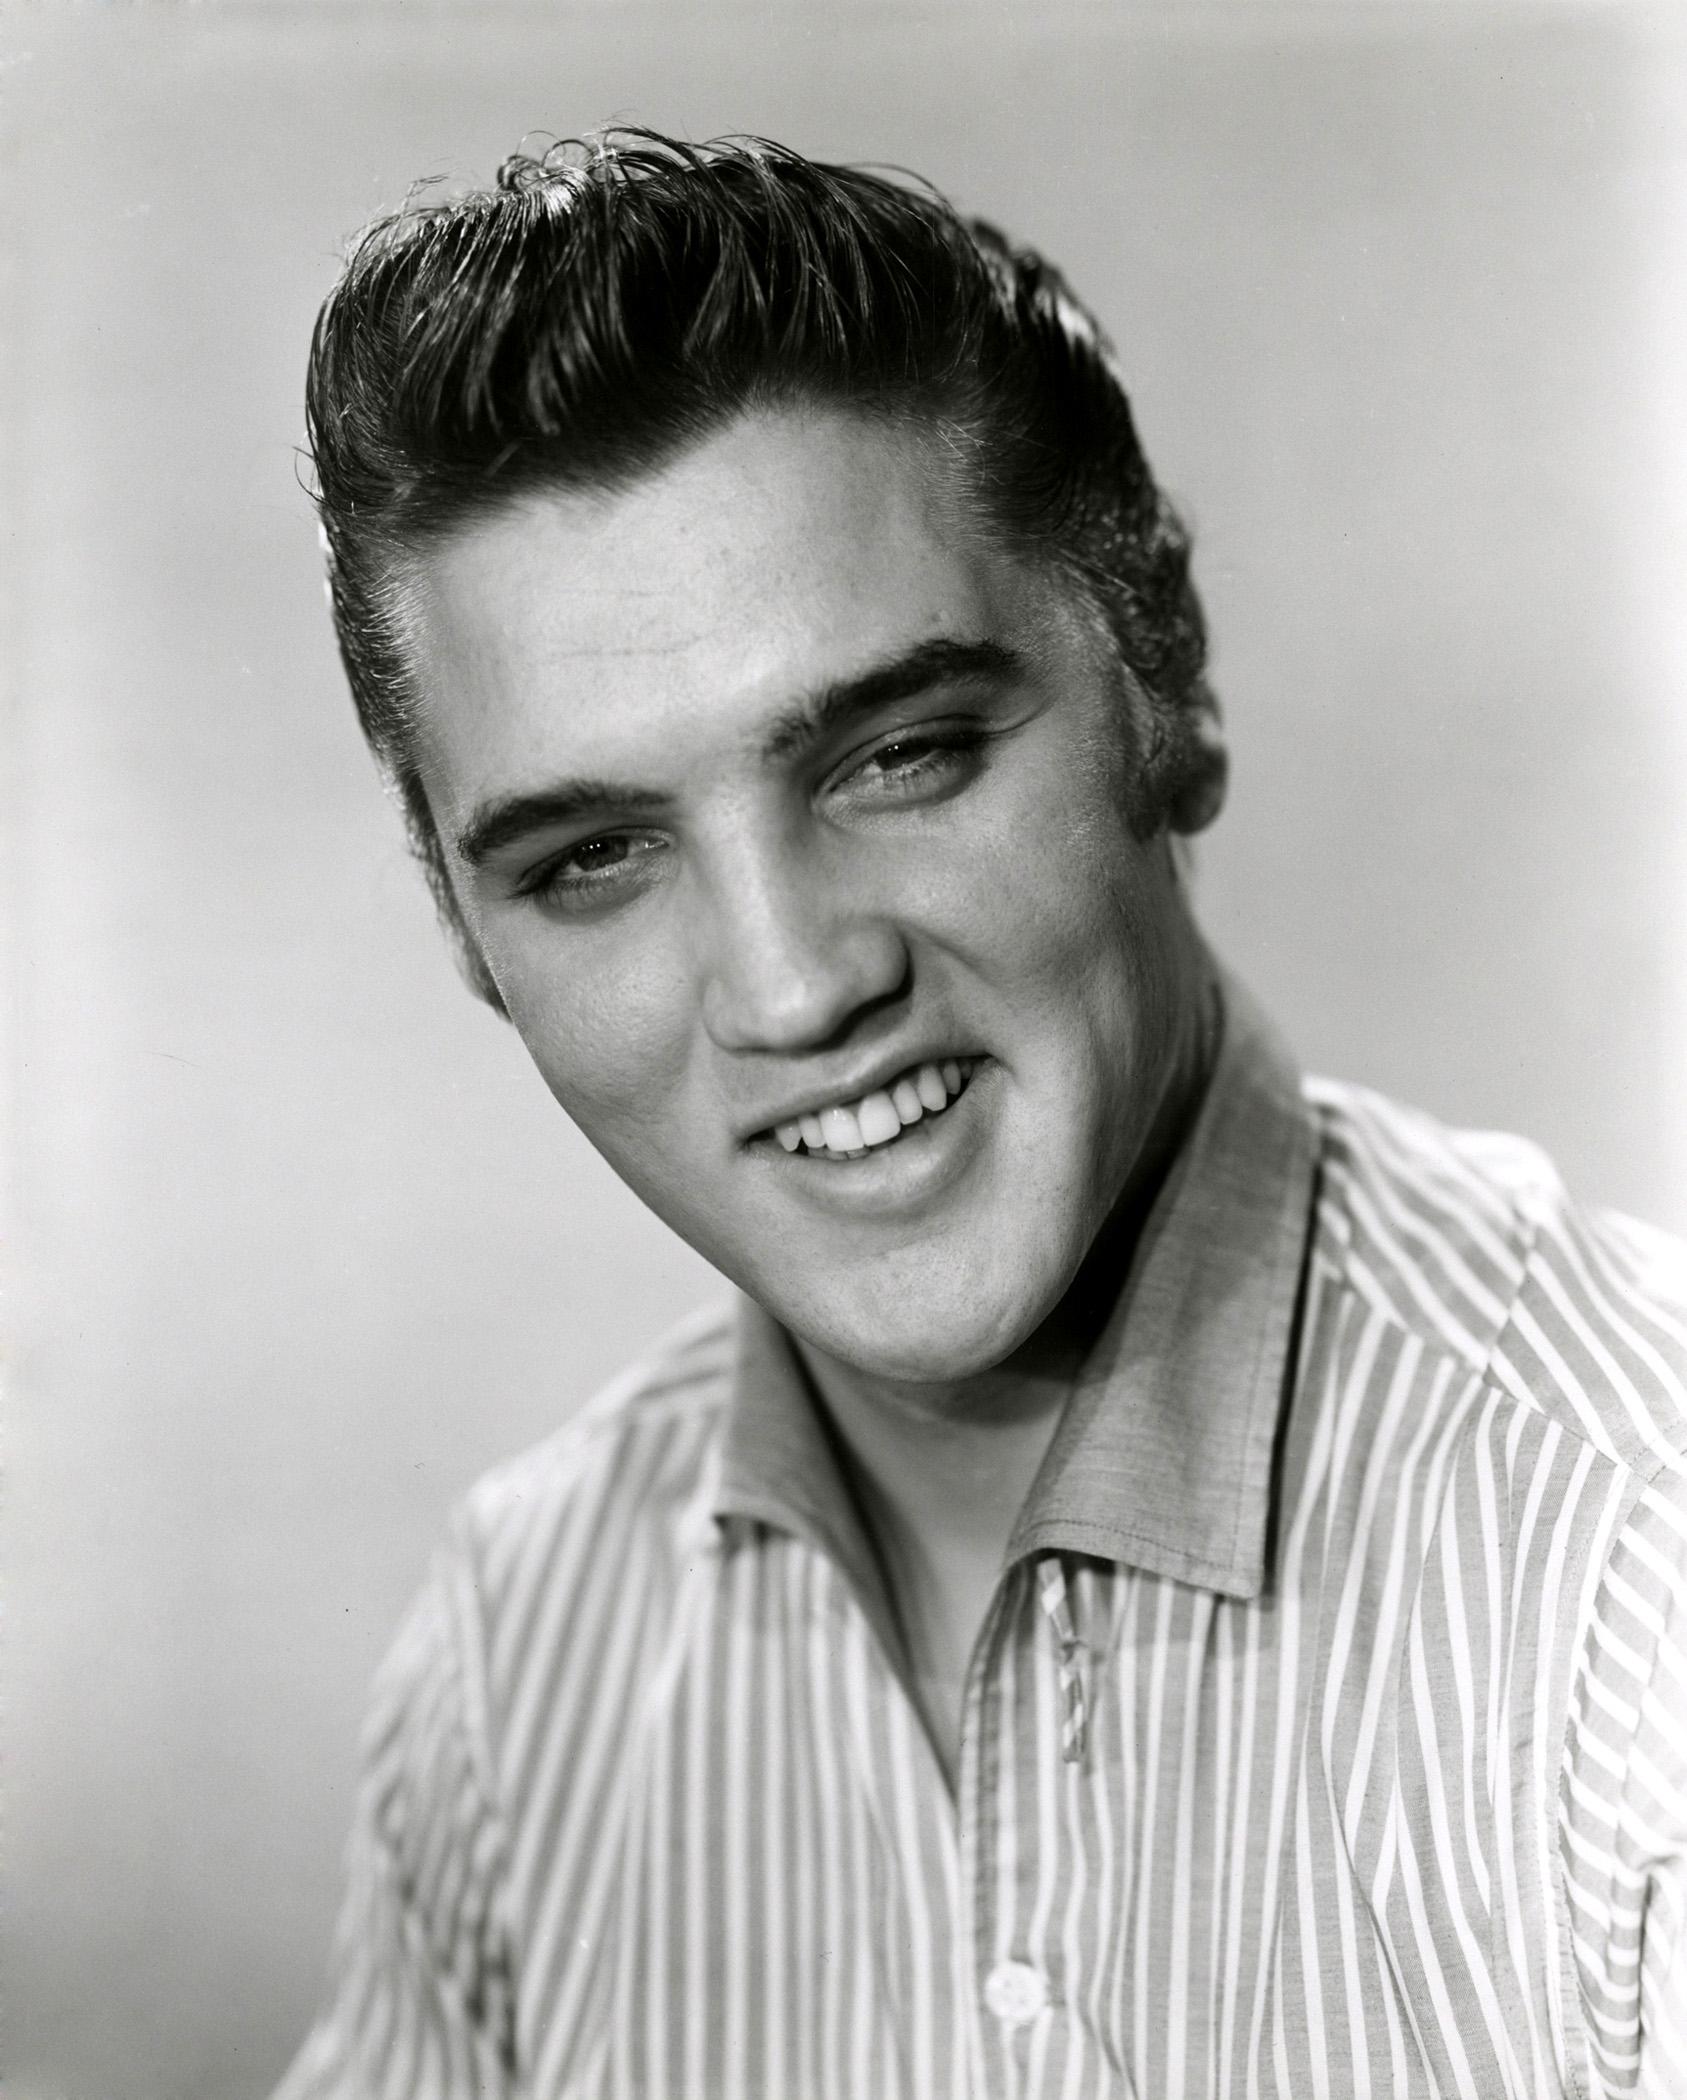 Lieden Elvis Presley Picture Hot